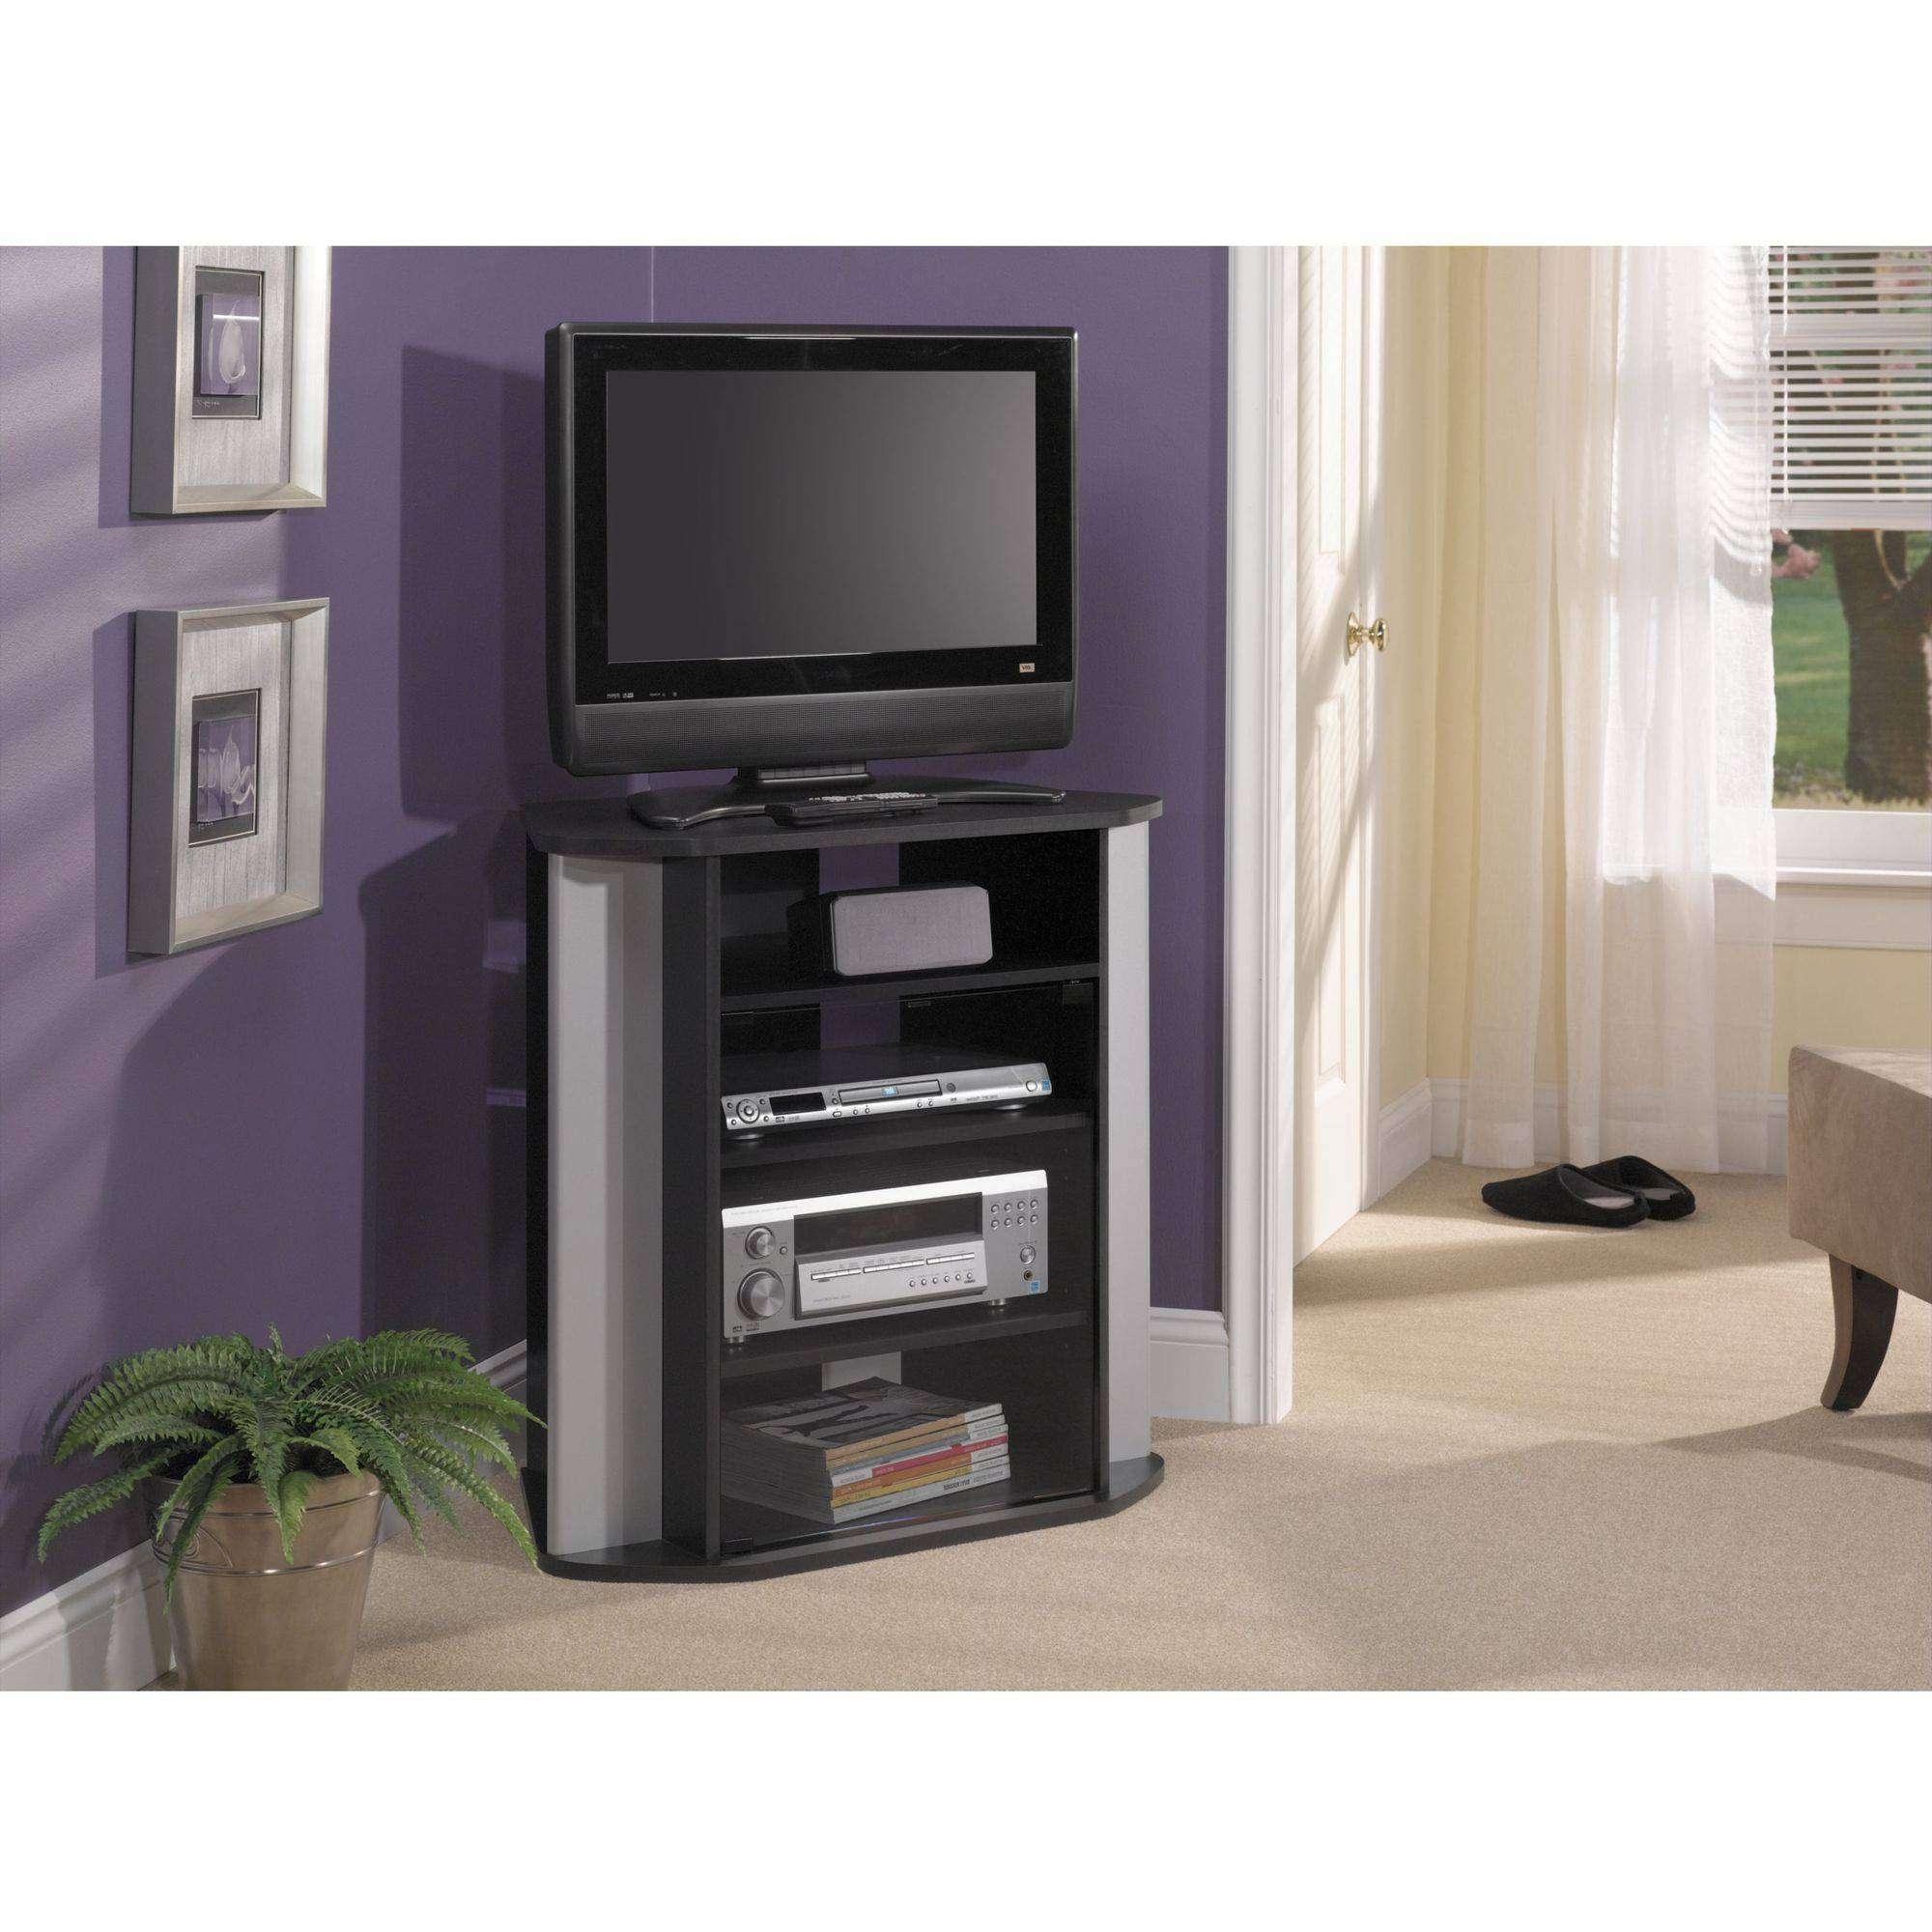 Corner Tv Stands – Walmart In Glass Corner Tv Stands For Flat Screen Tvs (View 3 of 15)